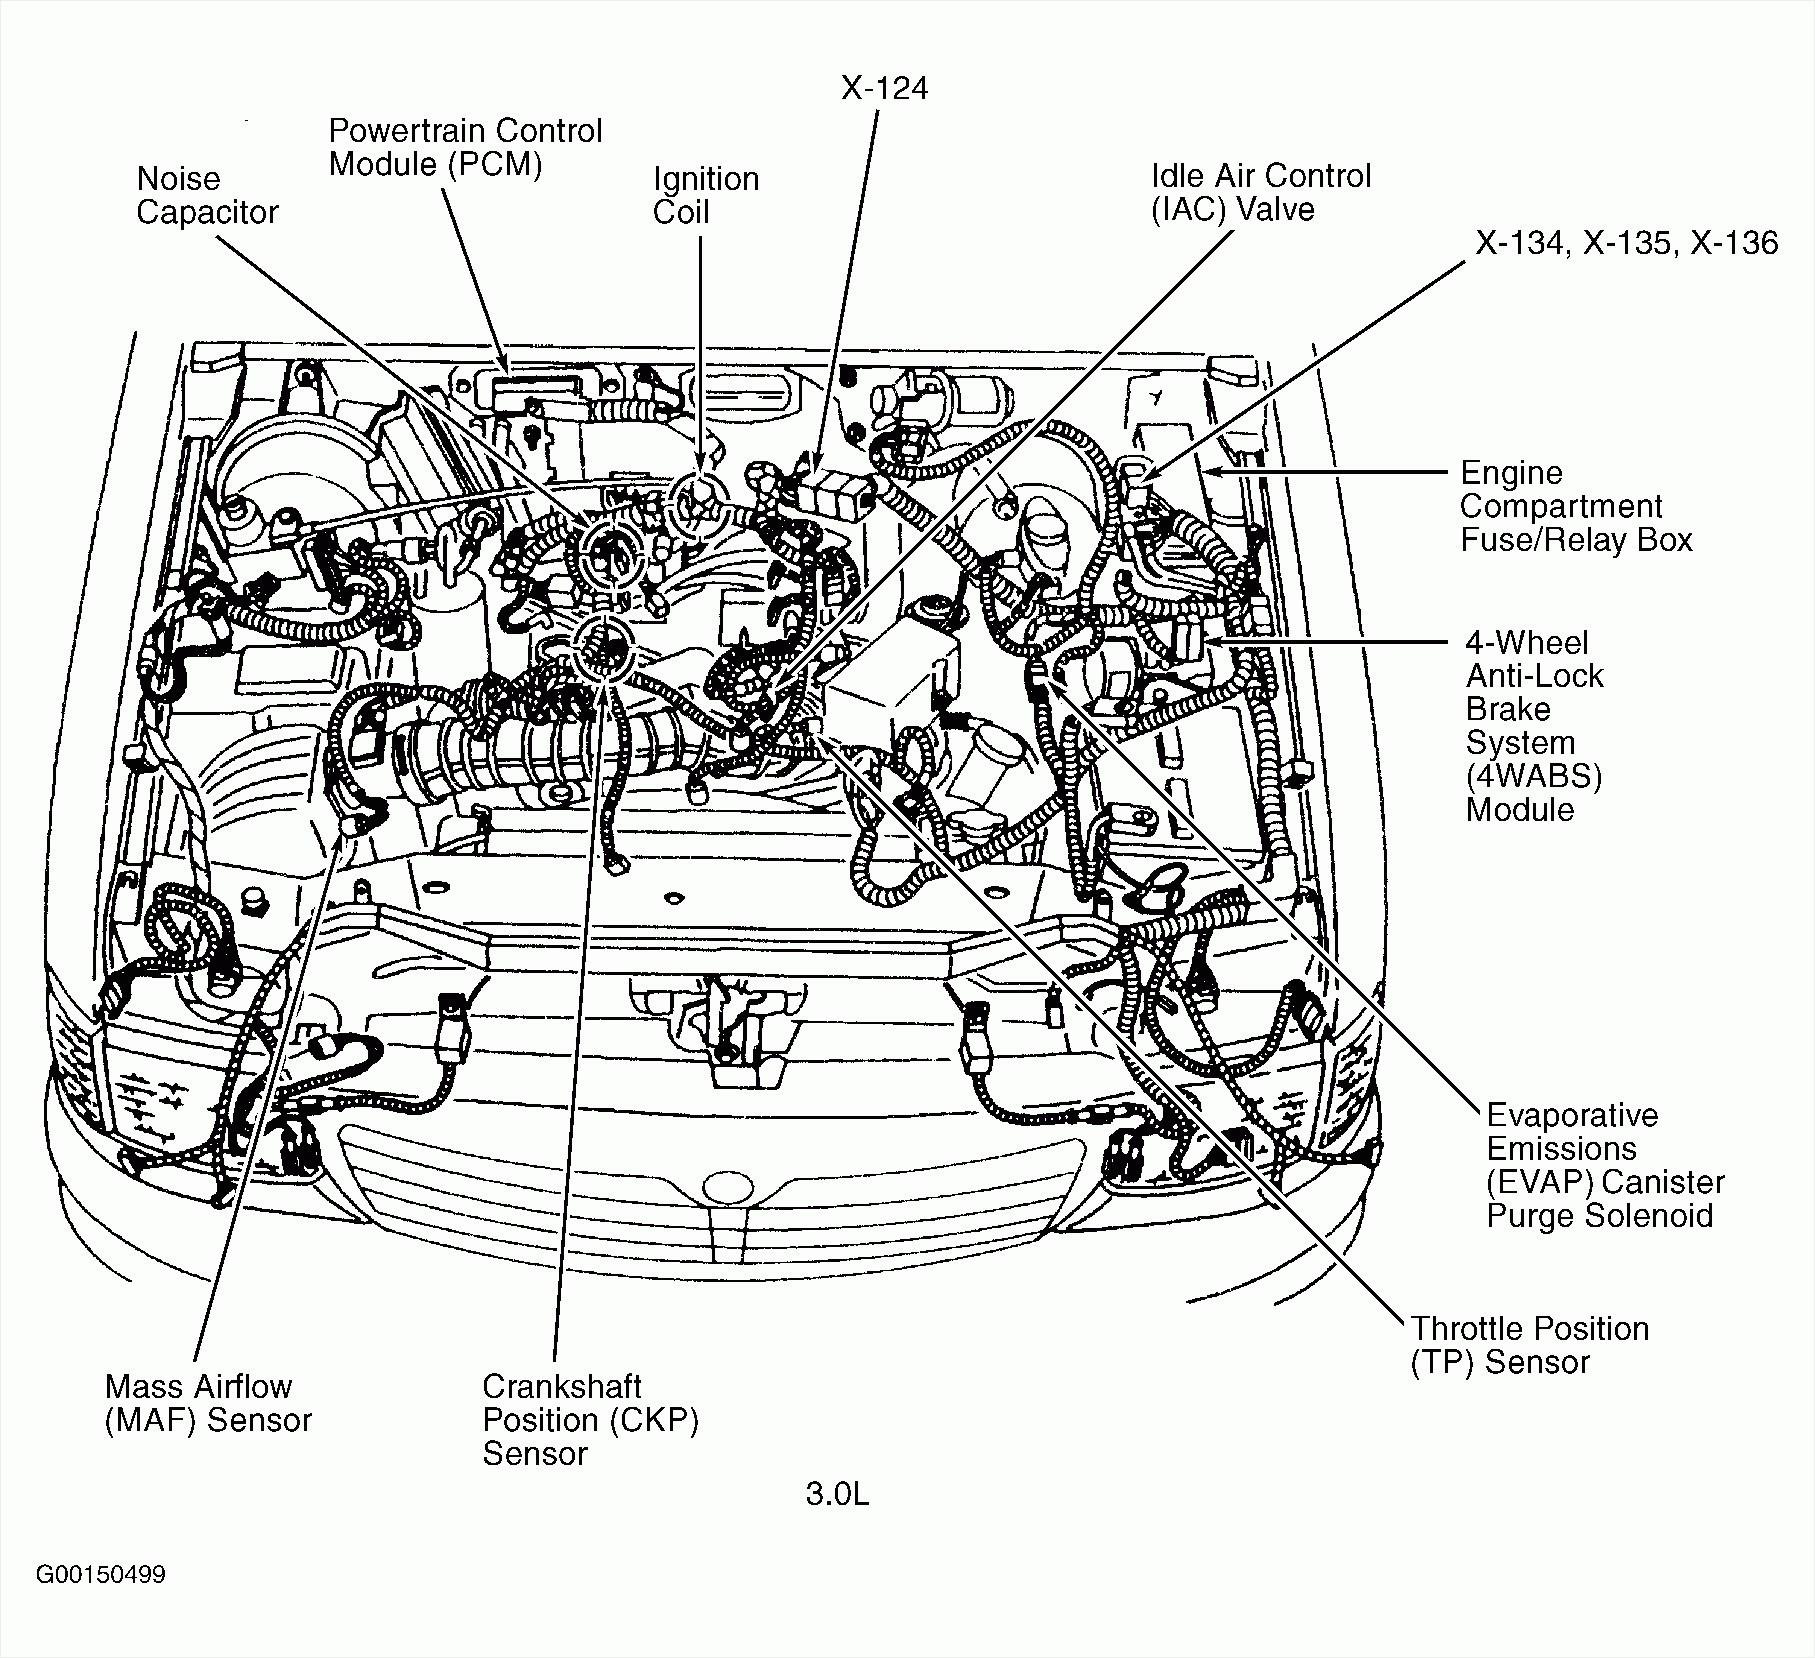 2005 Saturn Ion Engine Diagram Saturn Ion Engine Diagram Wiring Diagram Datasource Of 2005 Saturn Ion Engine Diagram